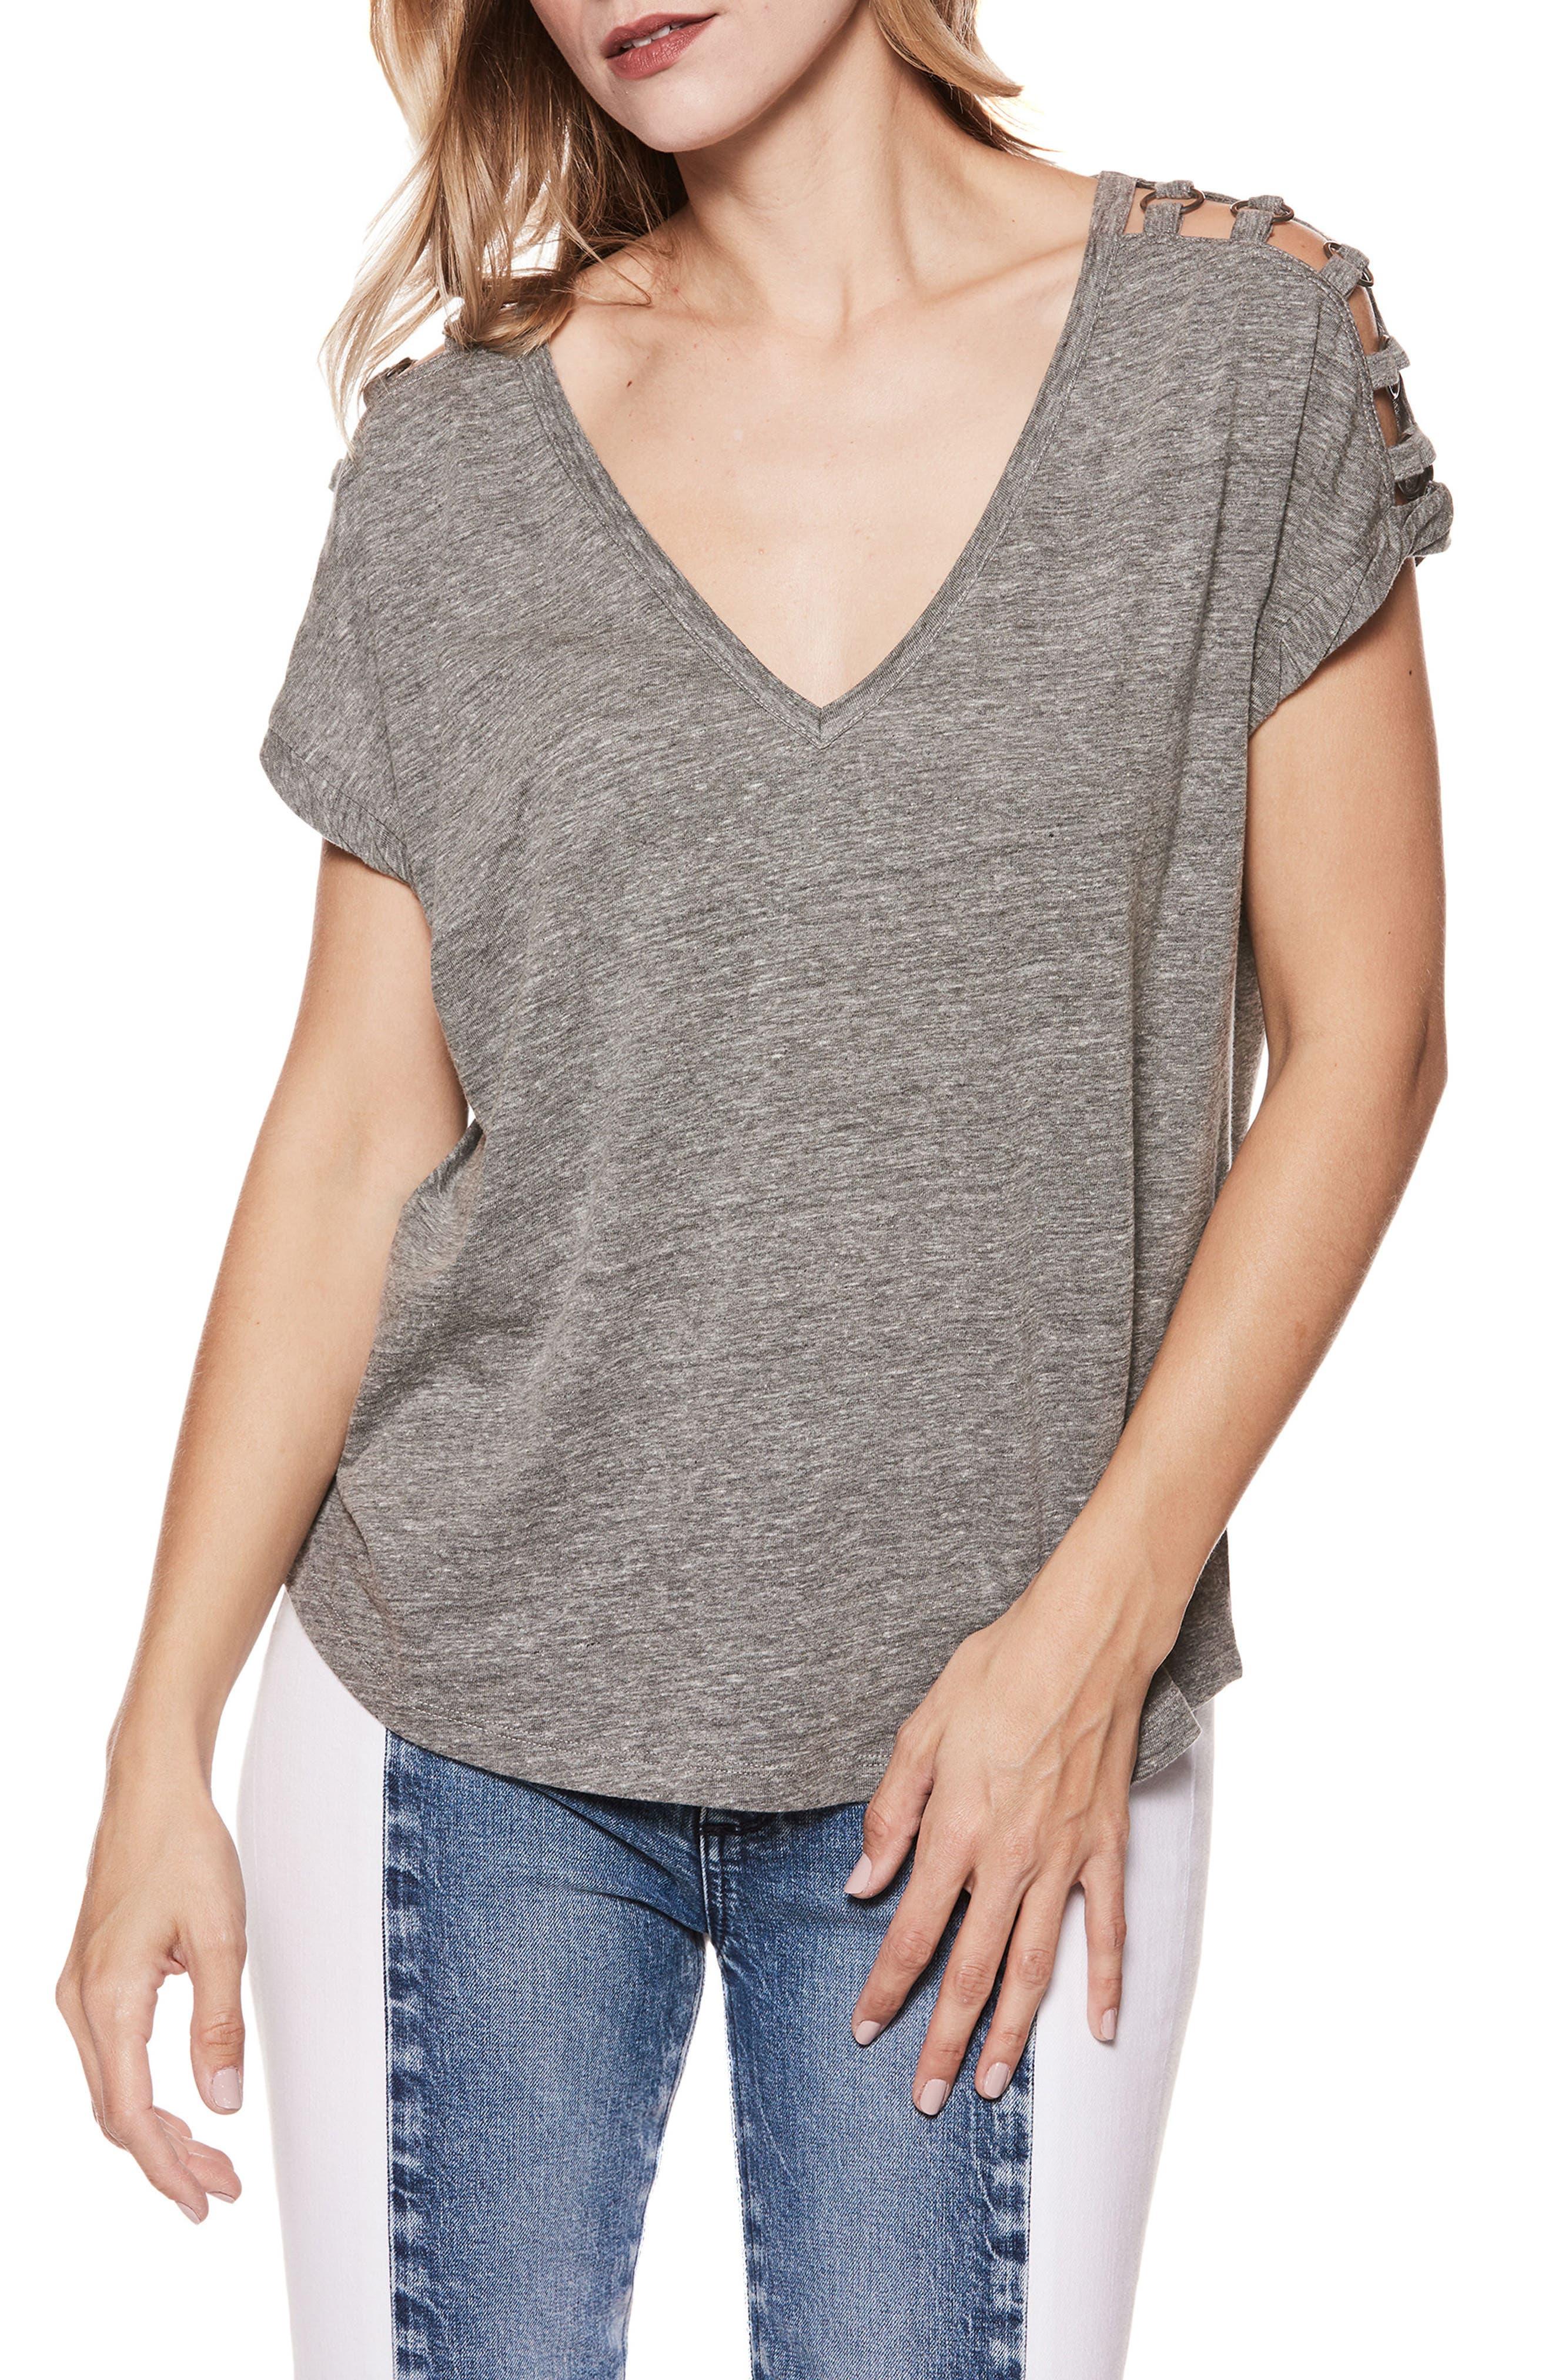 Aislinn Cutout Shoulder Tee,                             Main thumbnail 1, color,                             Heather Grey